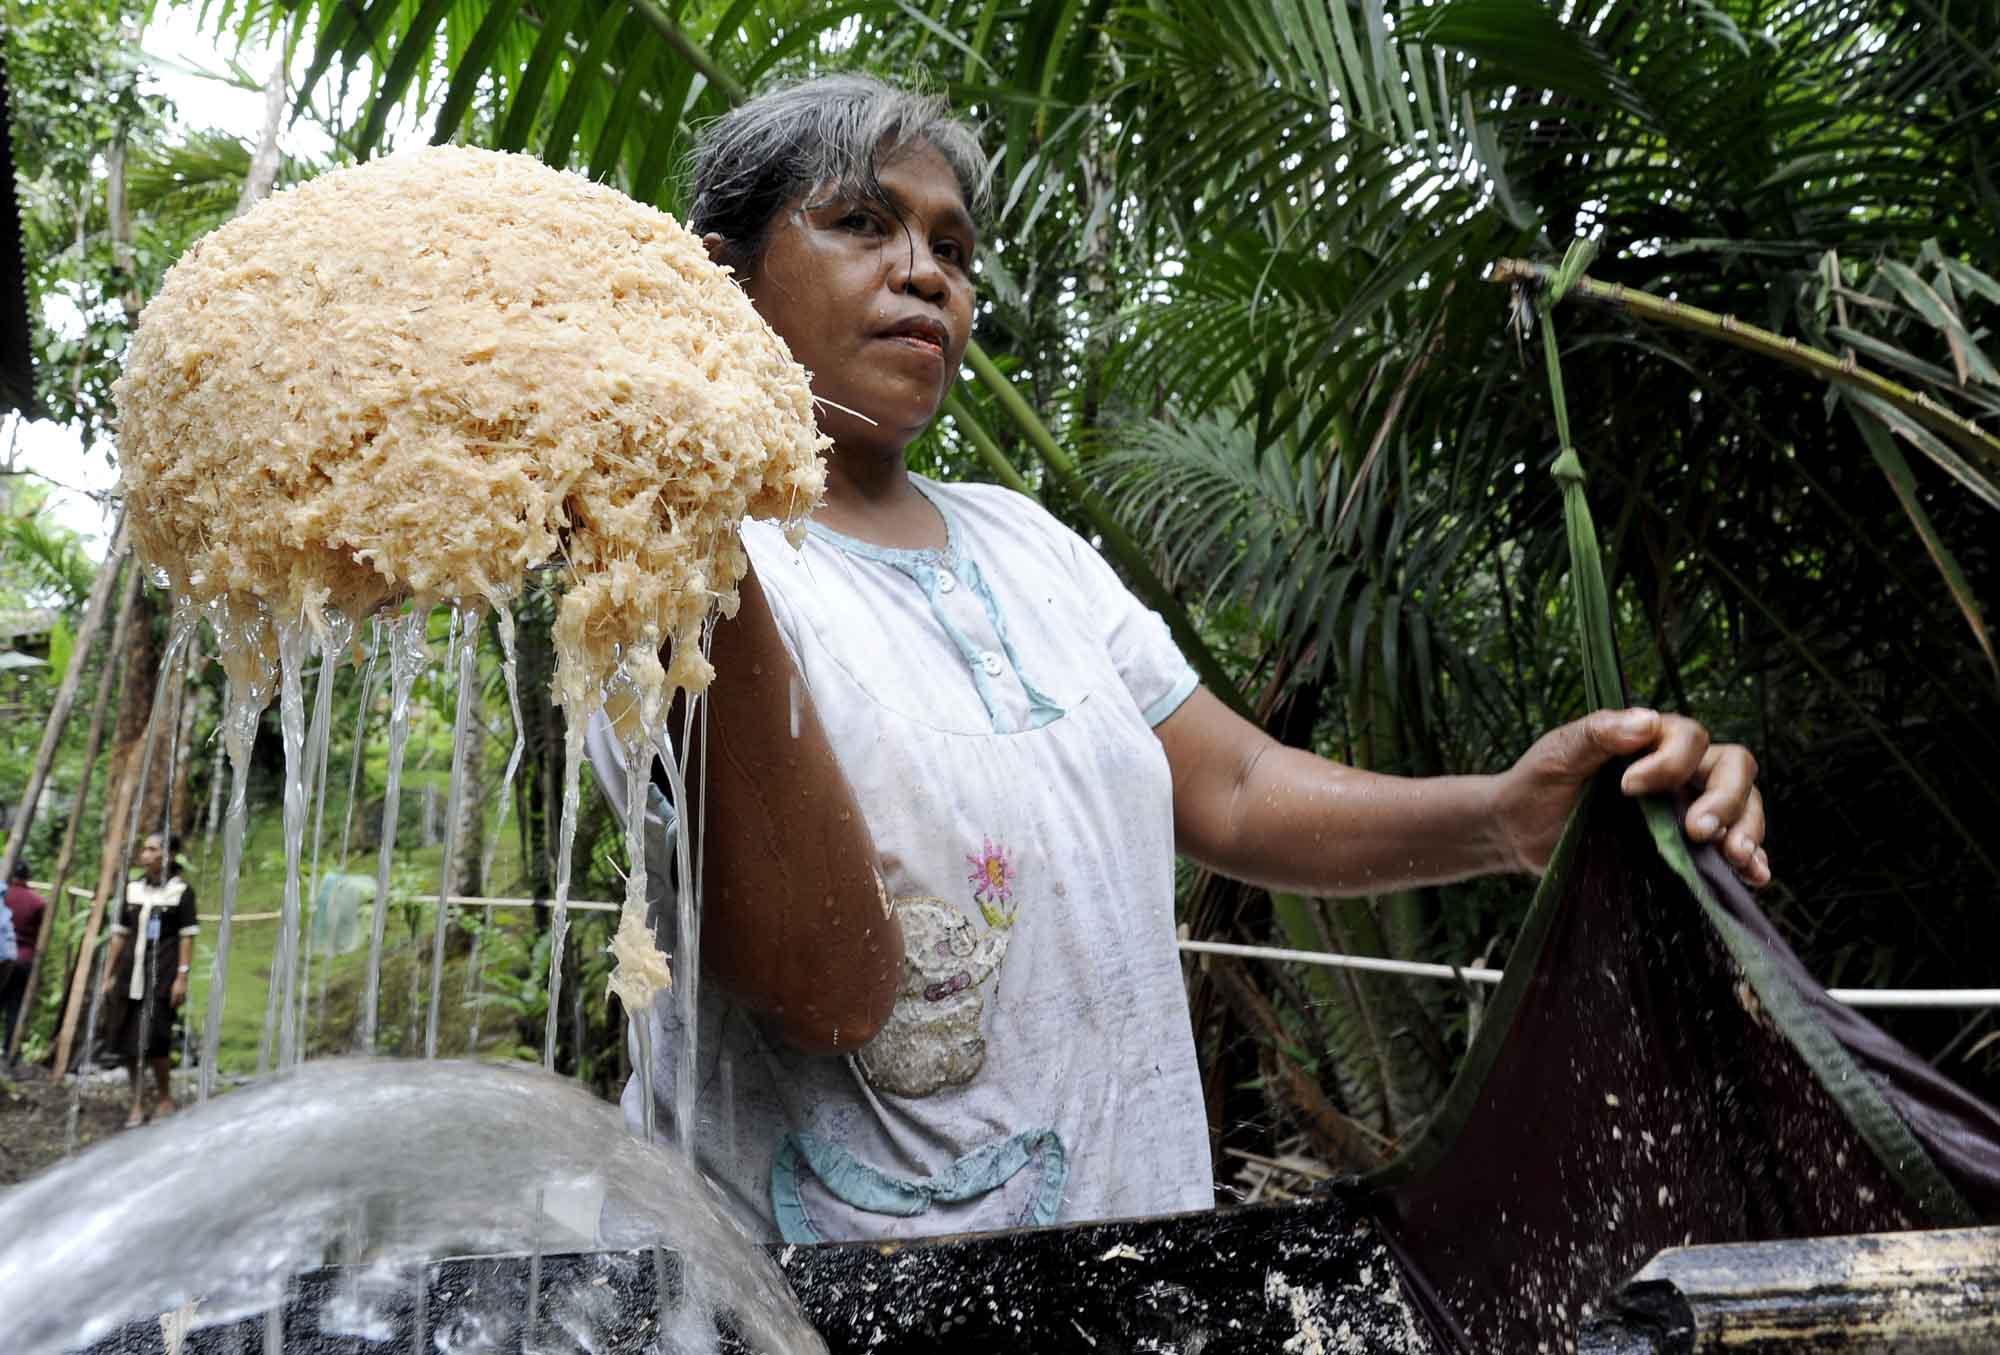 Masyarakat Papua Melakukan Budidaya Sagu